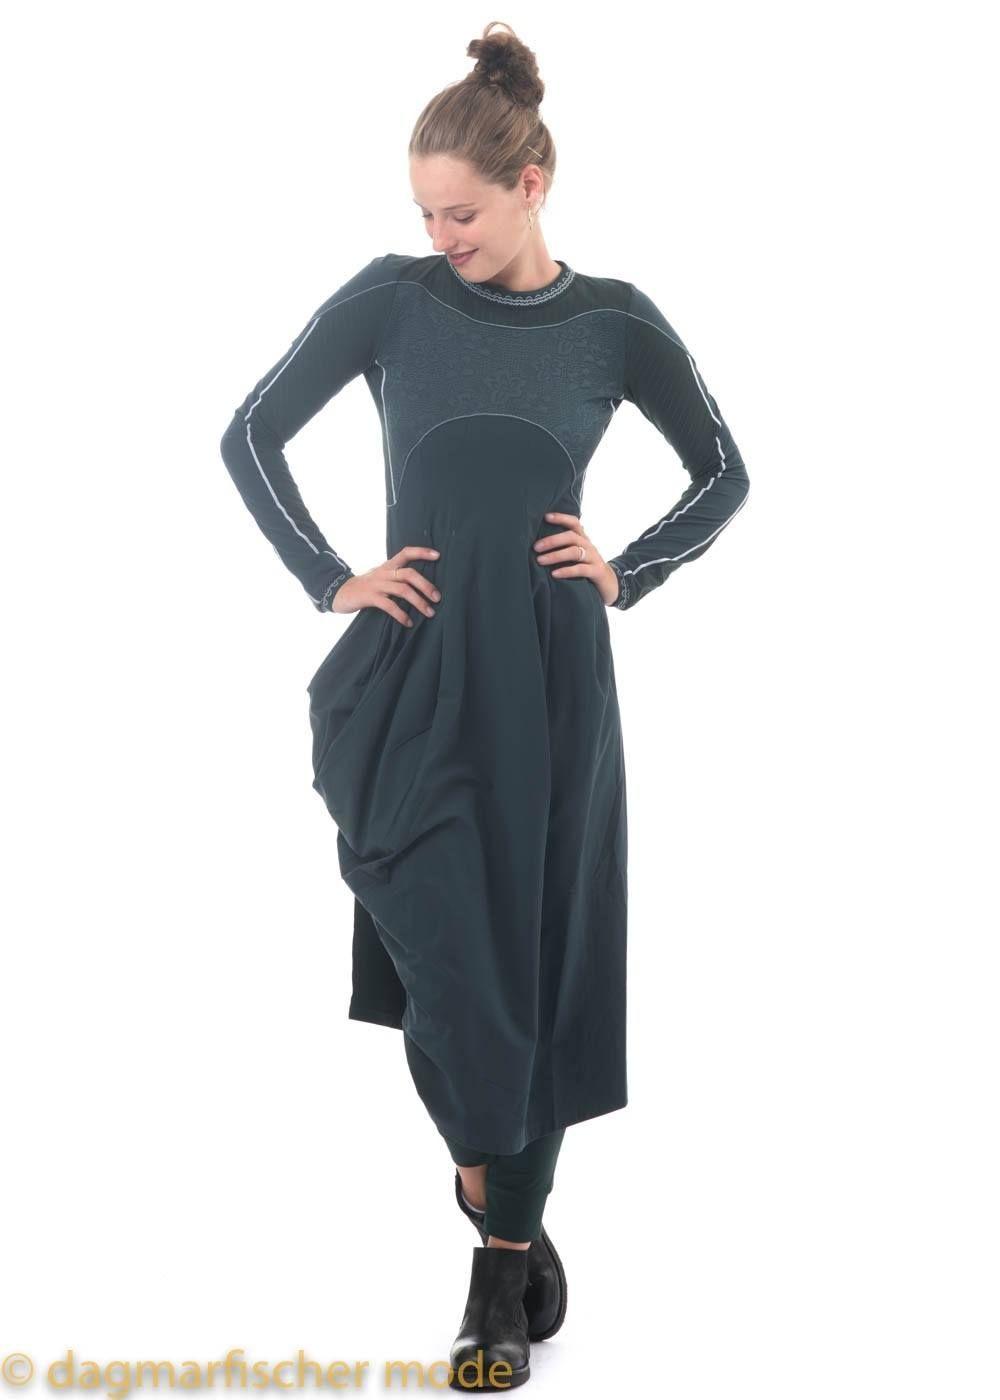 Kleid Choreograph von HIGH - dagmarfischer mode ...